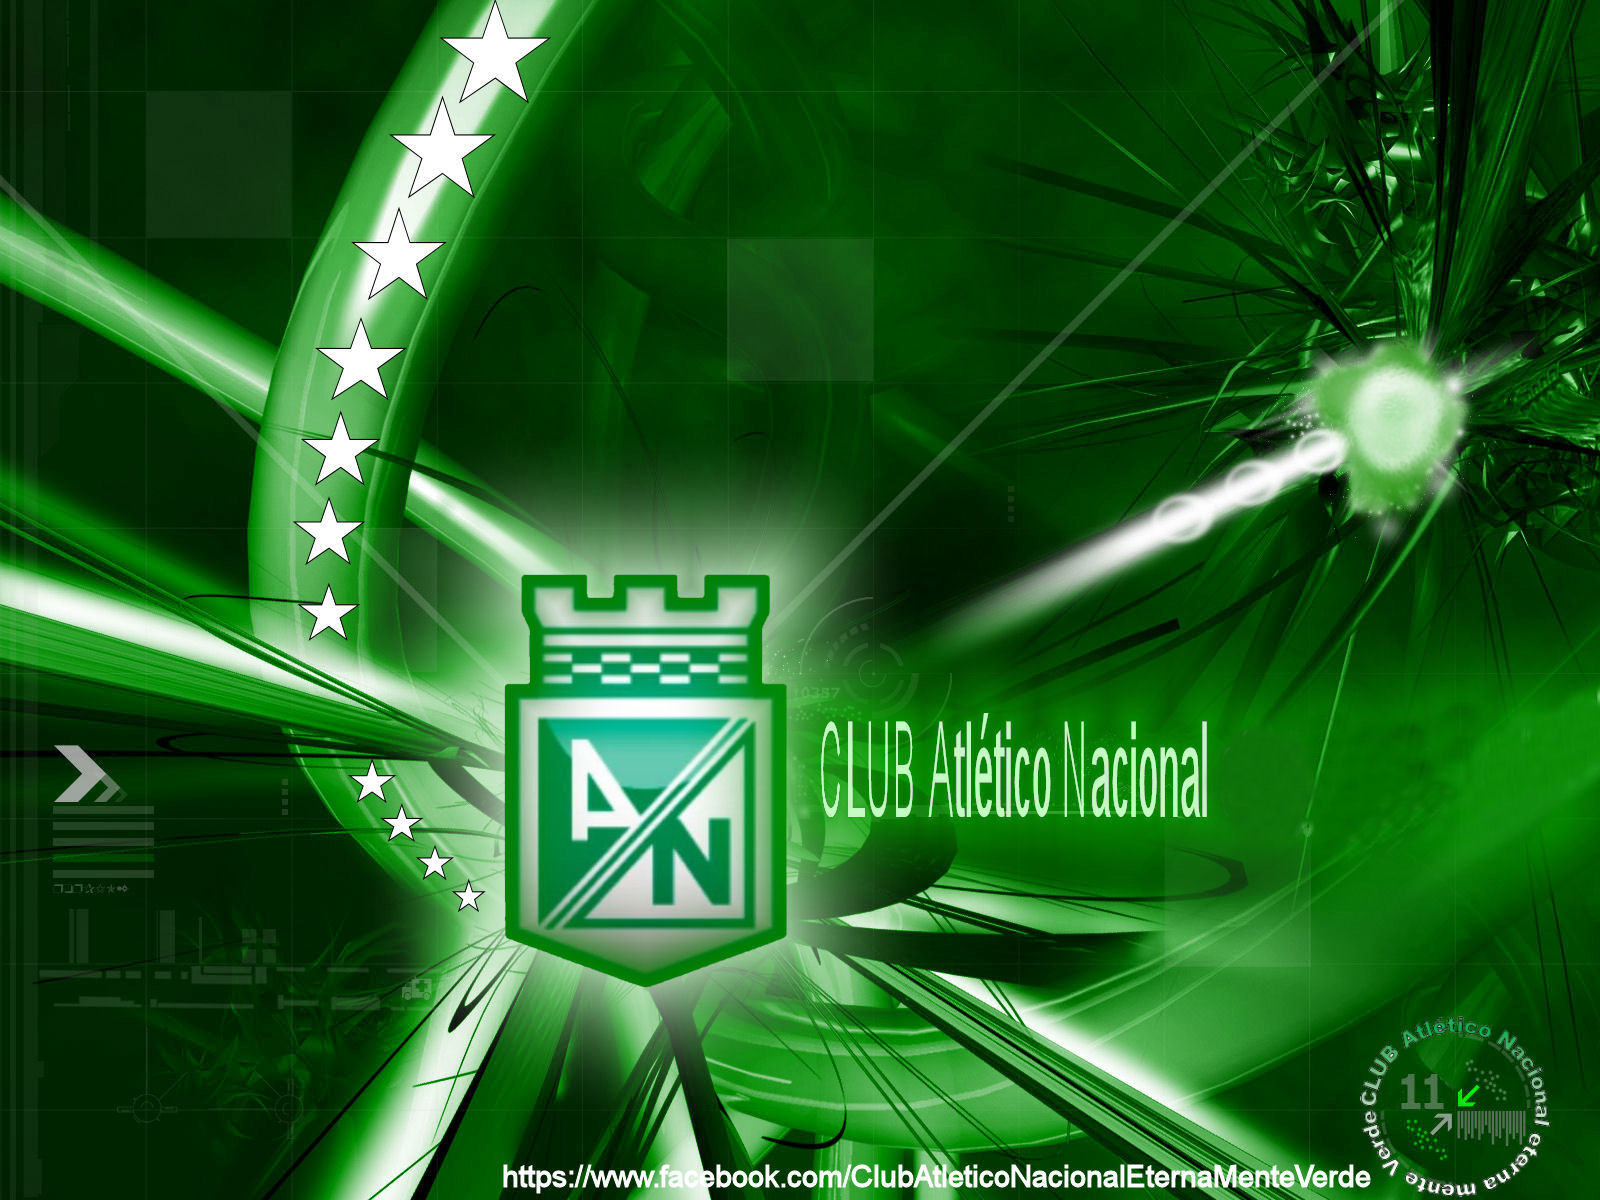 el club atletico nacional s a 1 mas conocido como atletico nacional es